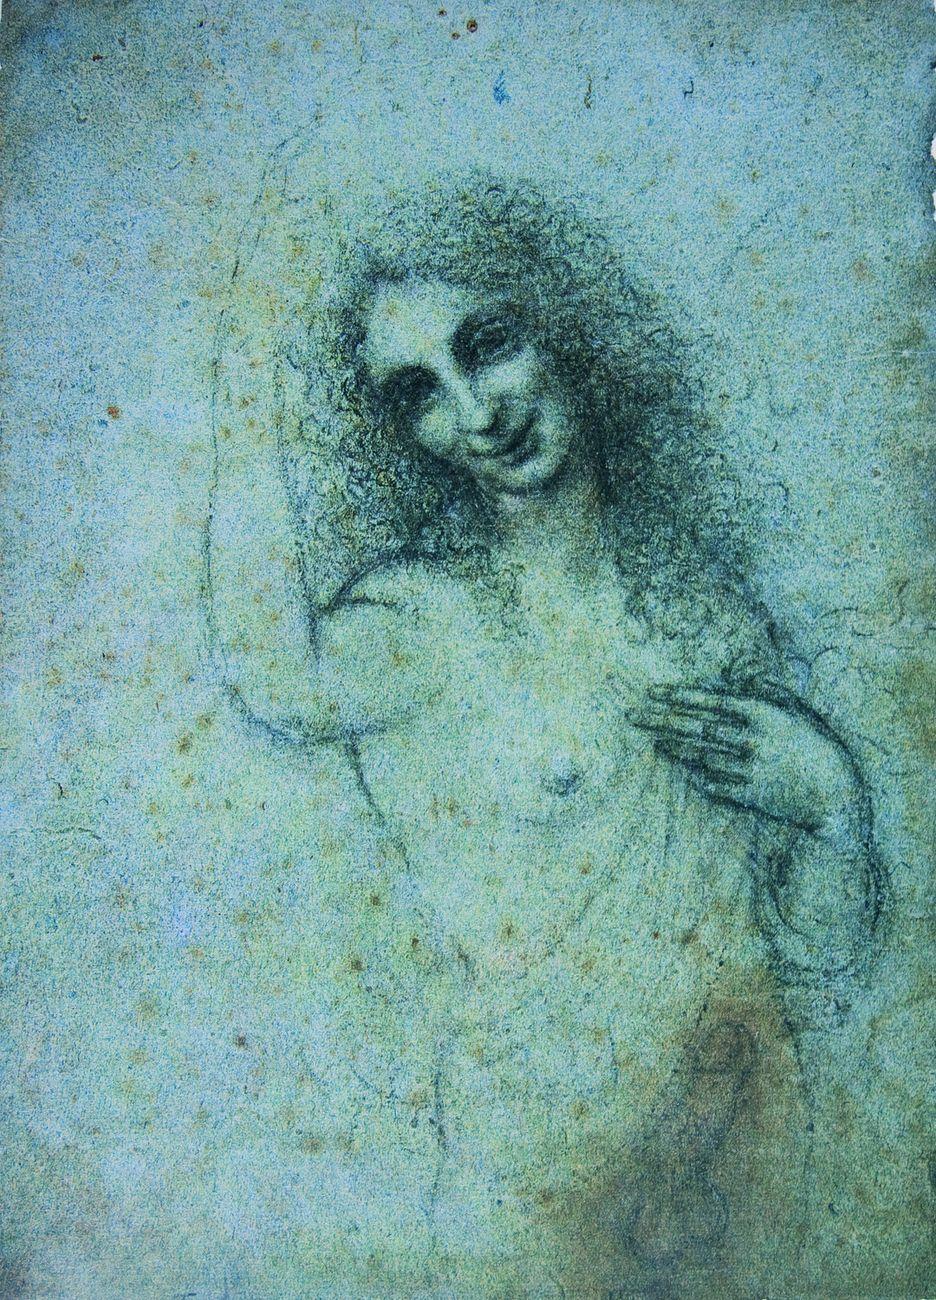 Leonardo da Vinci, Angelo Incarnato, 1513 15 ca., disegno a pietra nera su carta ruvida © Fondazione Rossana e Carlo Pedretti